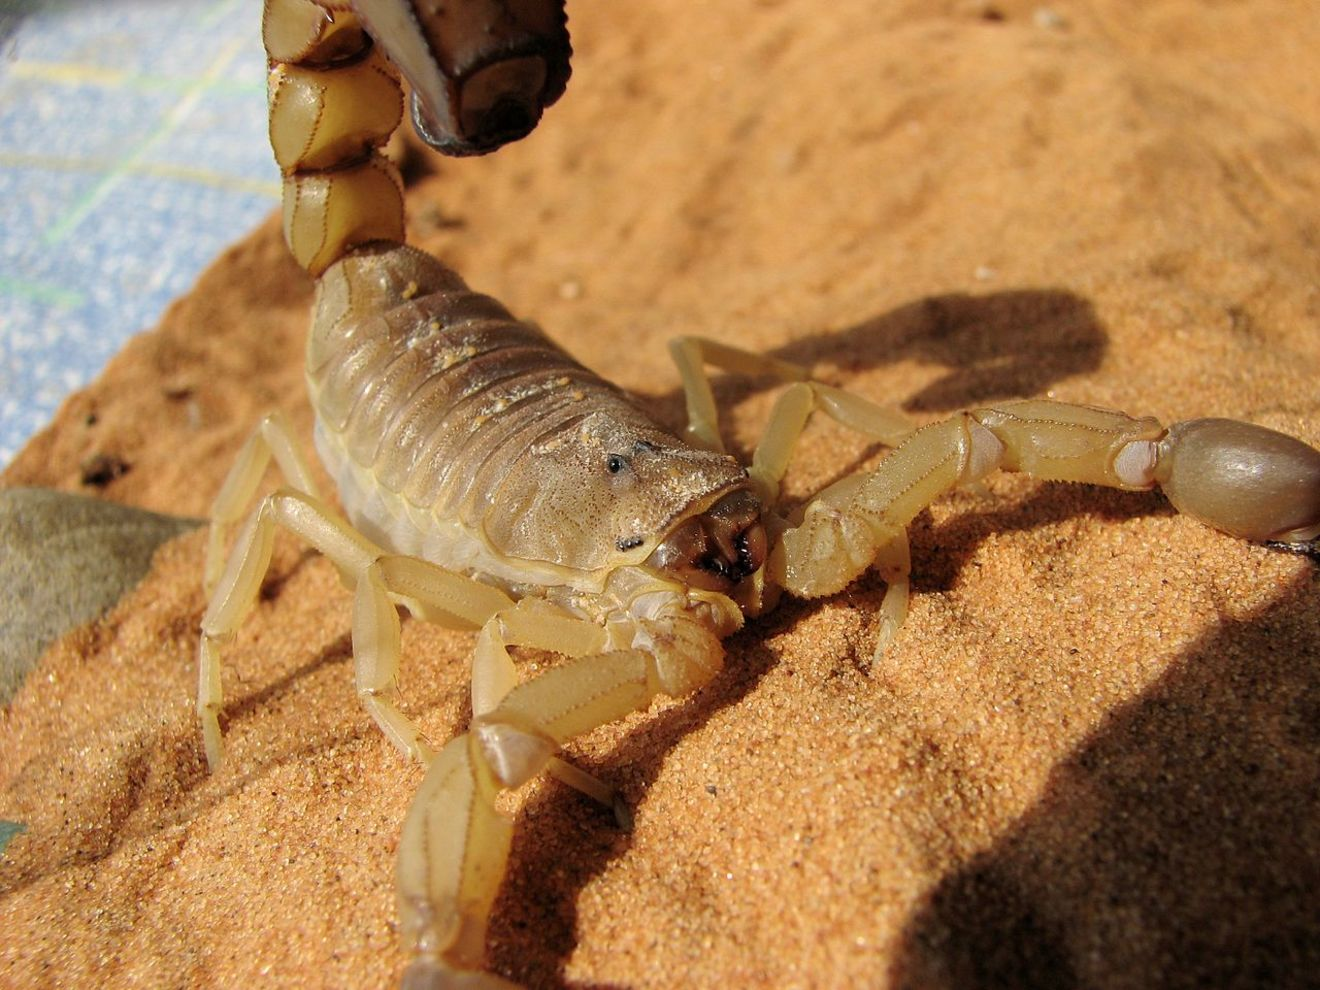 5分でわかるサソリ!最大のものや猛毒の種類、小食の秘密などを紹介